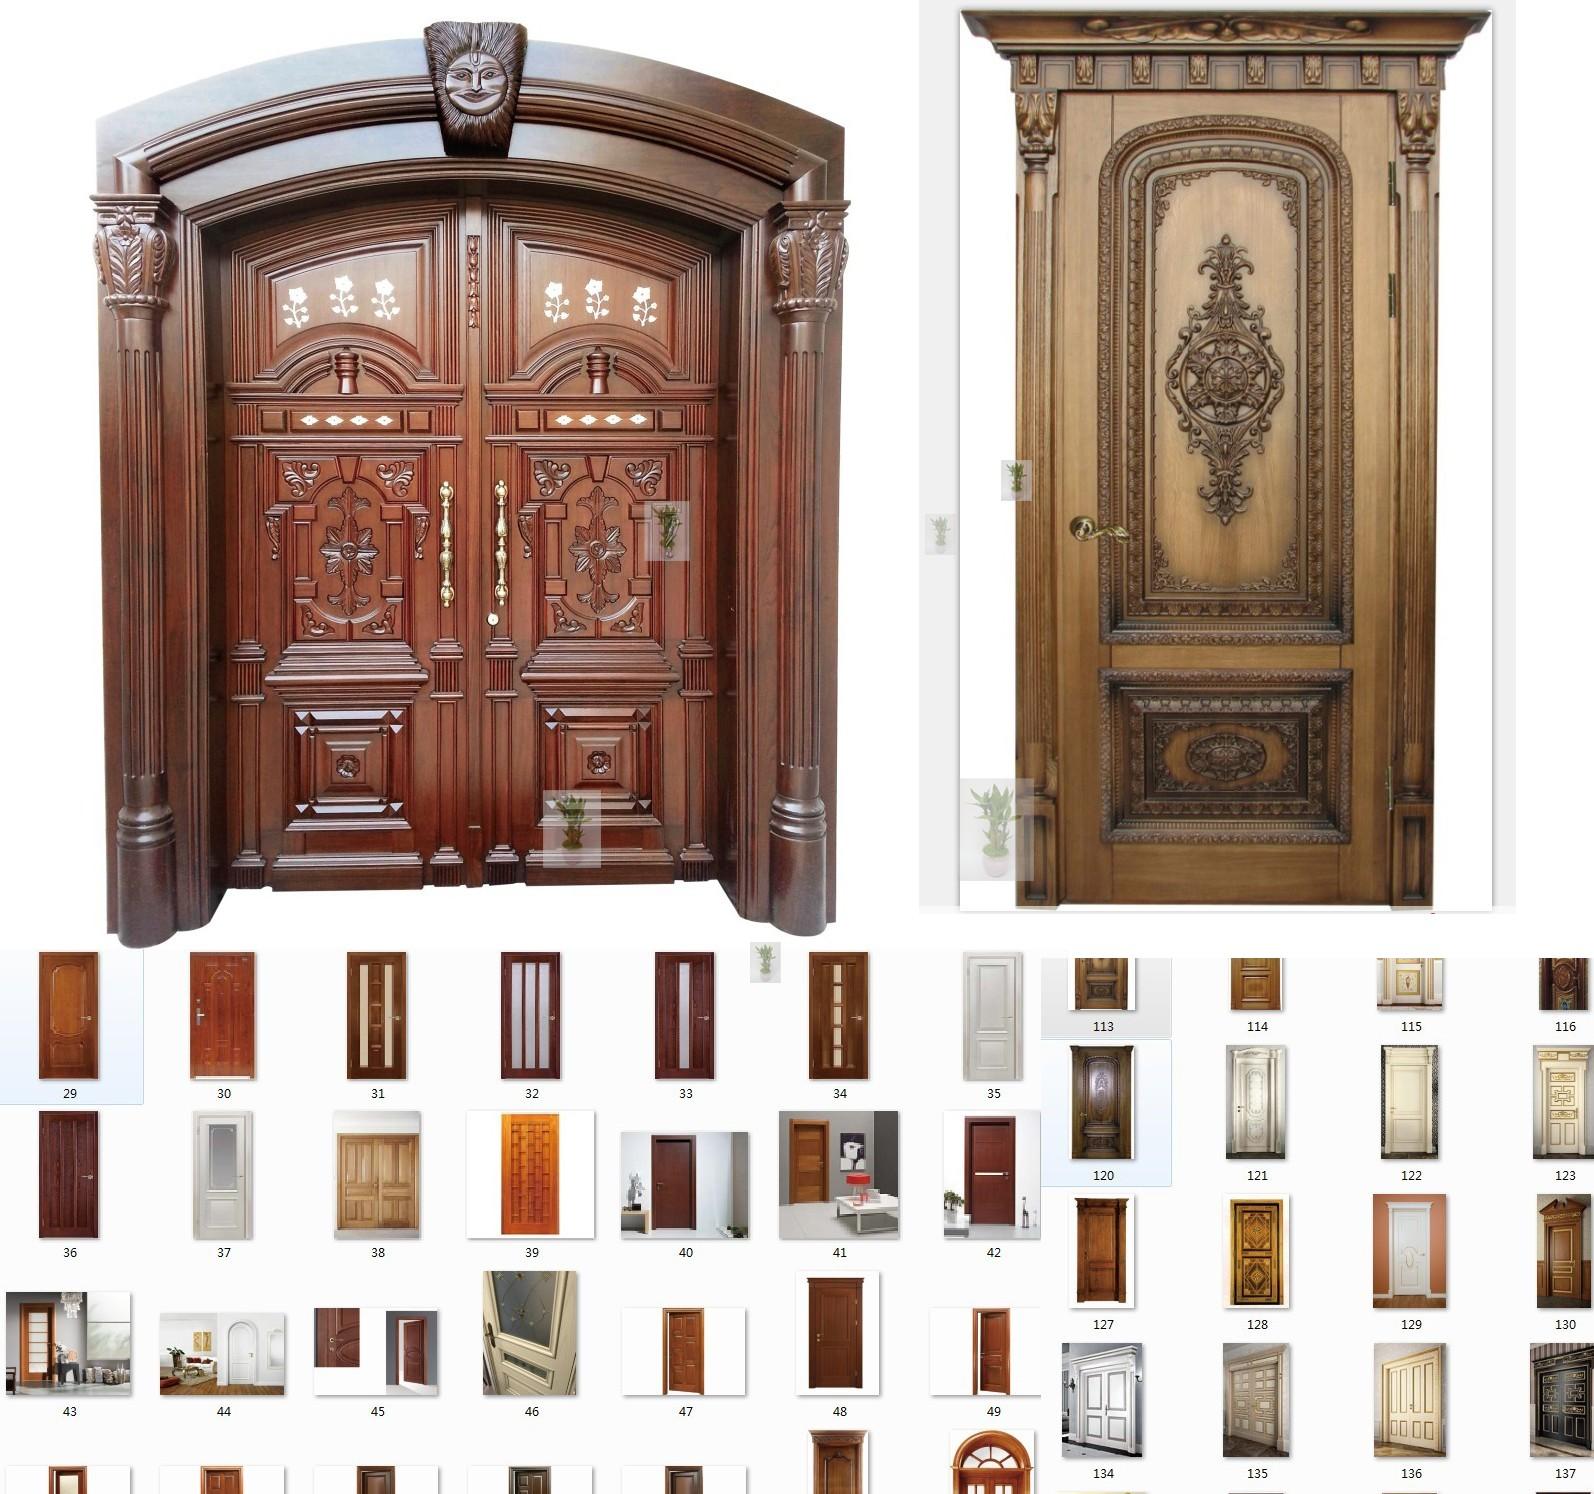 木门门业门室内设计高清素材图库门业房门图片